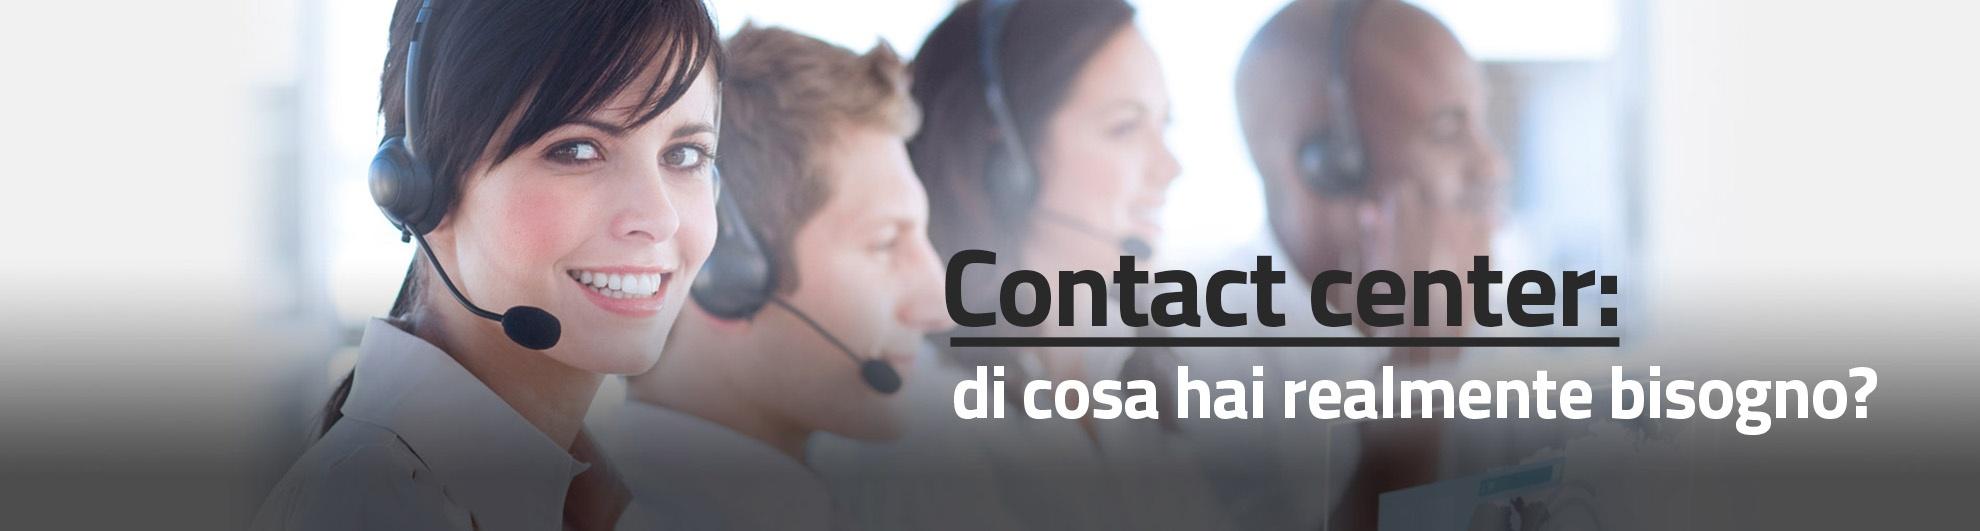 Banner-Contact-Center.jpg